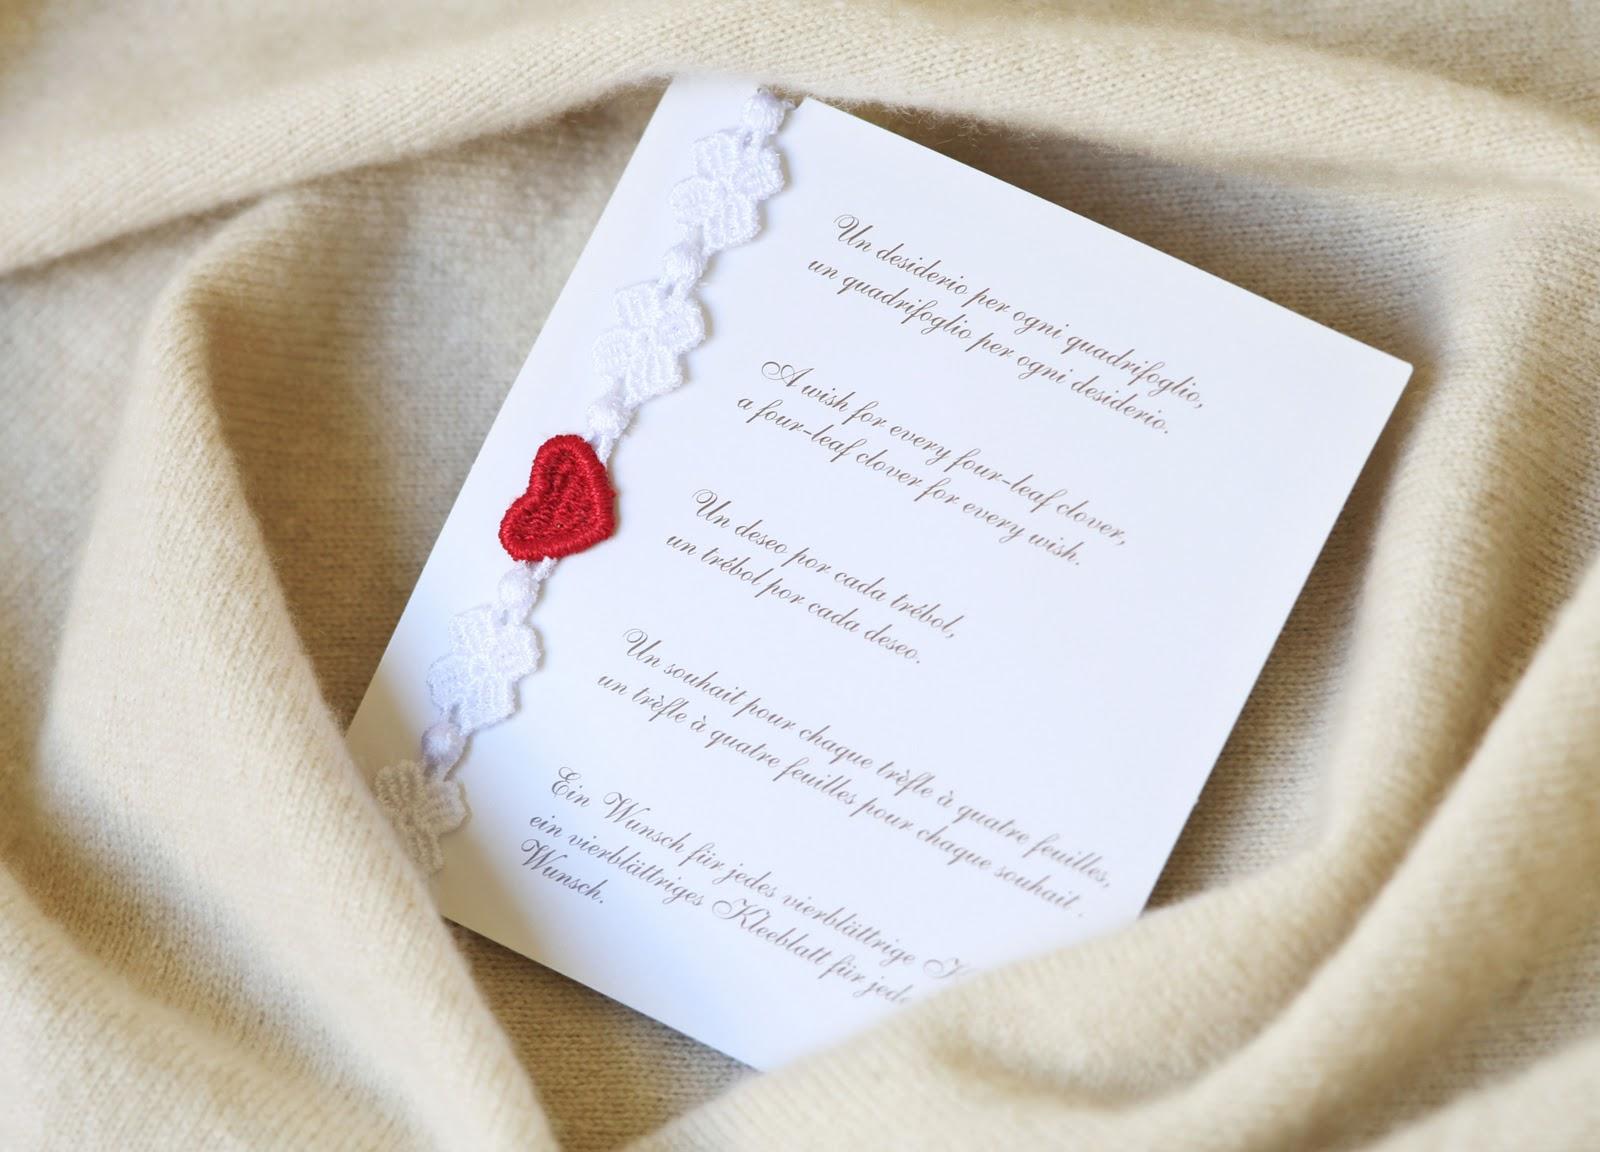 Populaire Idee Romantiche Per Lei #3846 | msyte.com Idee e foto di  ZI29